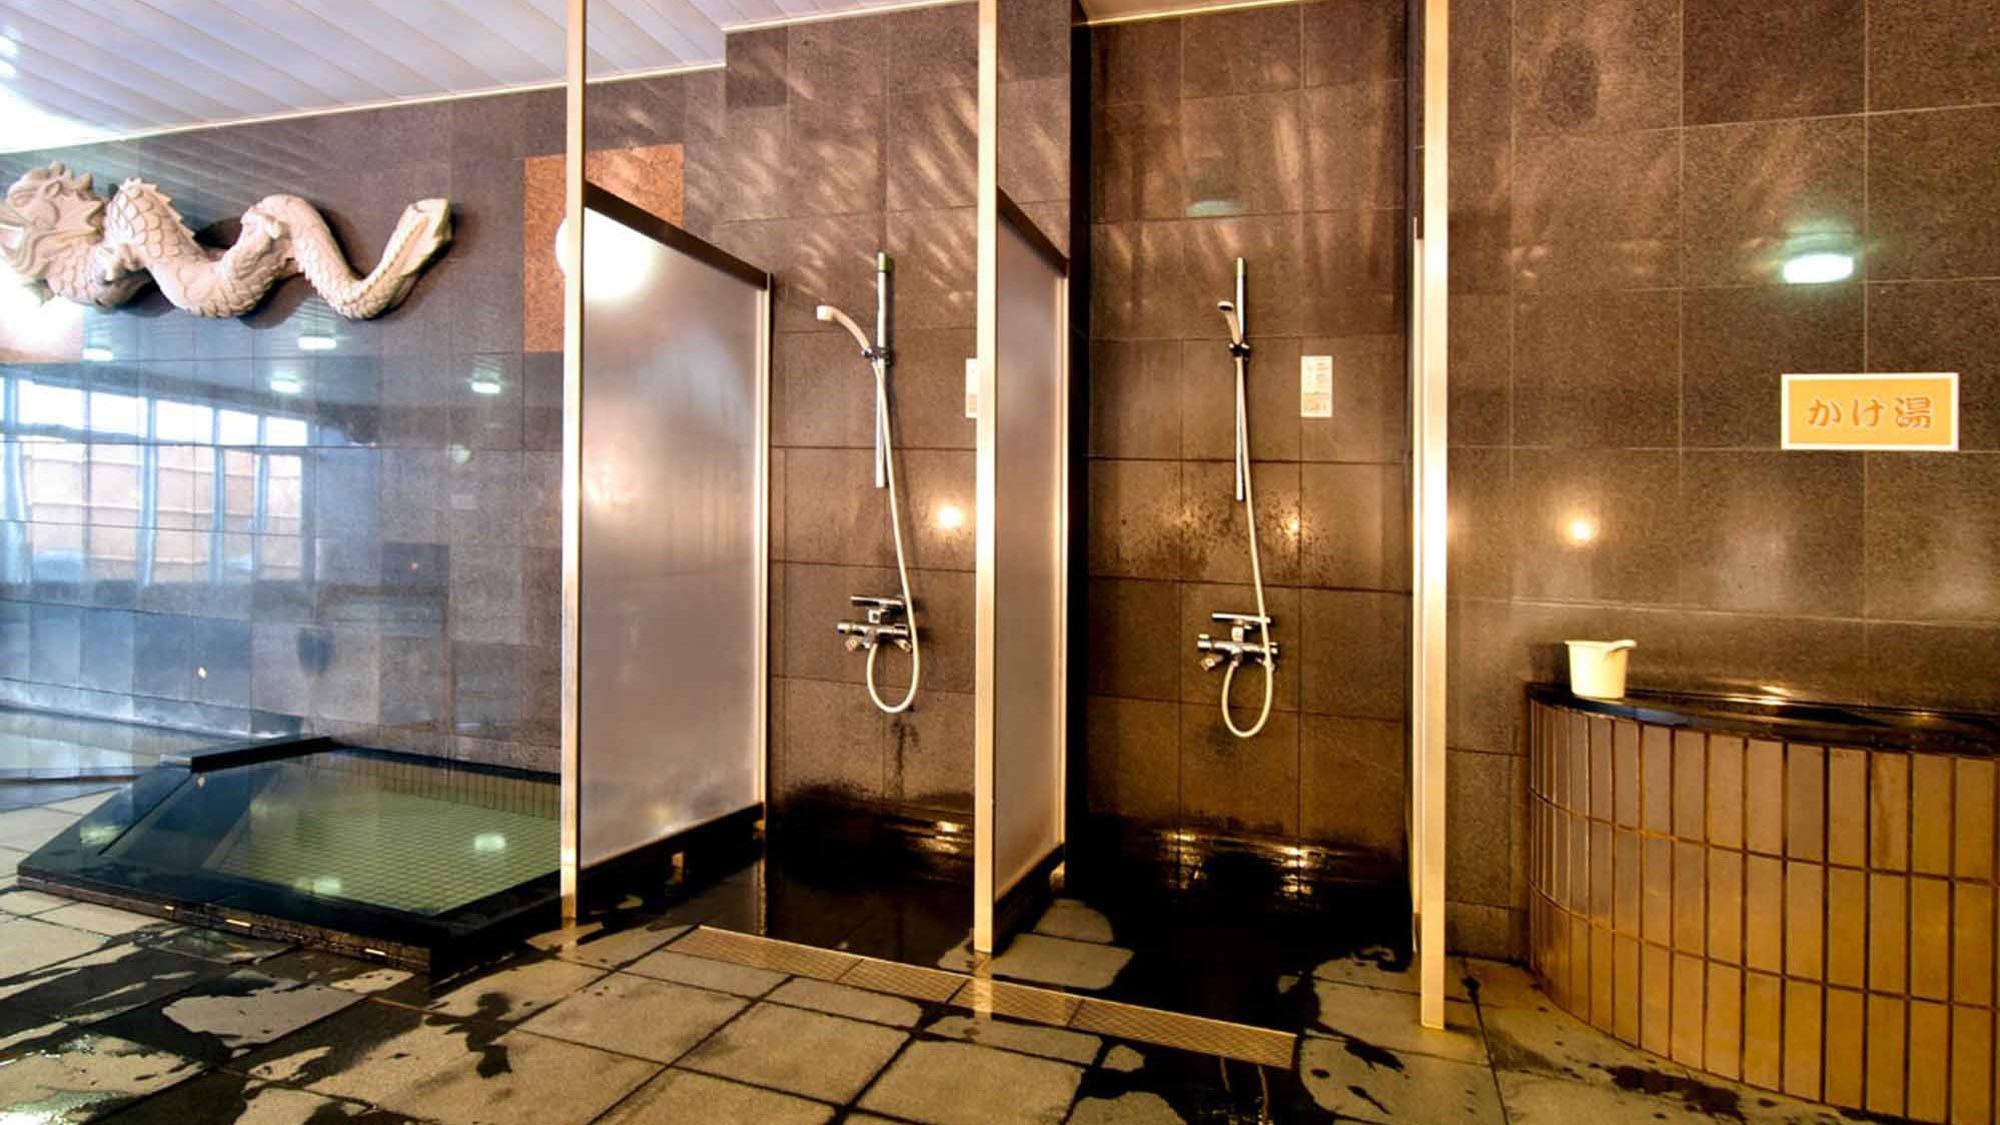 【大浴場】温泉成分に塩分が含まれておりますので、湯上りはシャワーで軽く洗い流してください。